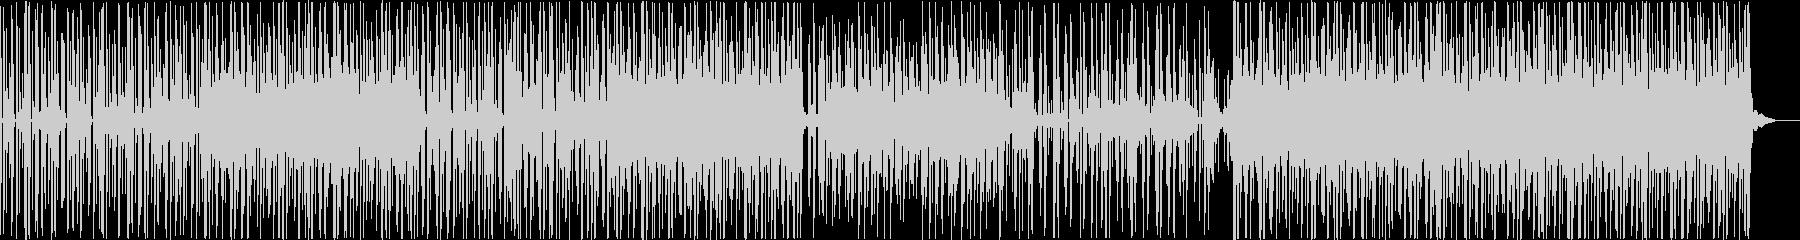 グルーヴ感のあるロードムービーBGMの未再生の波形